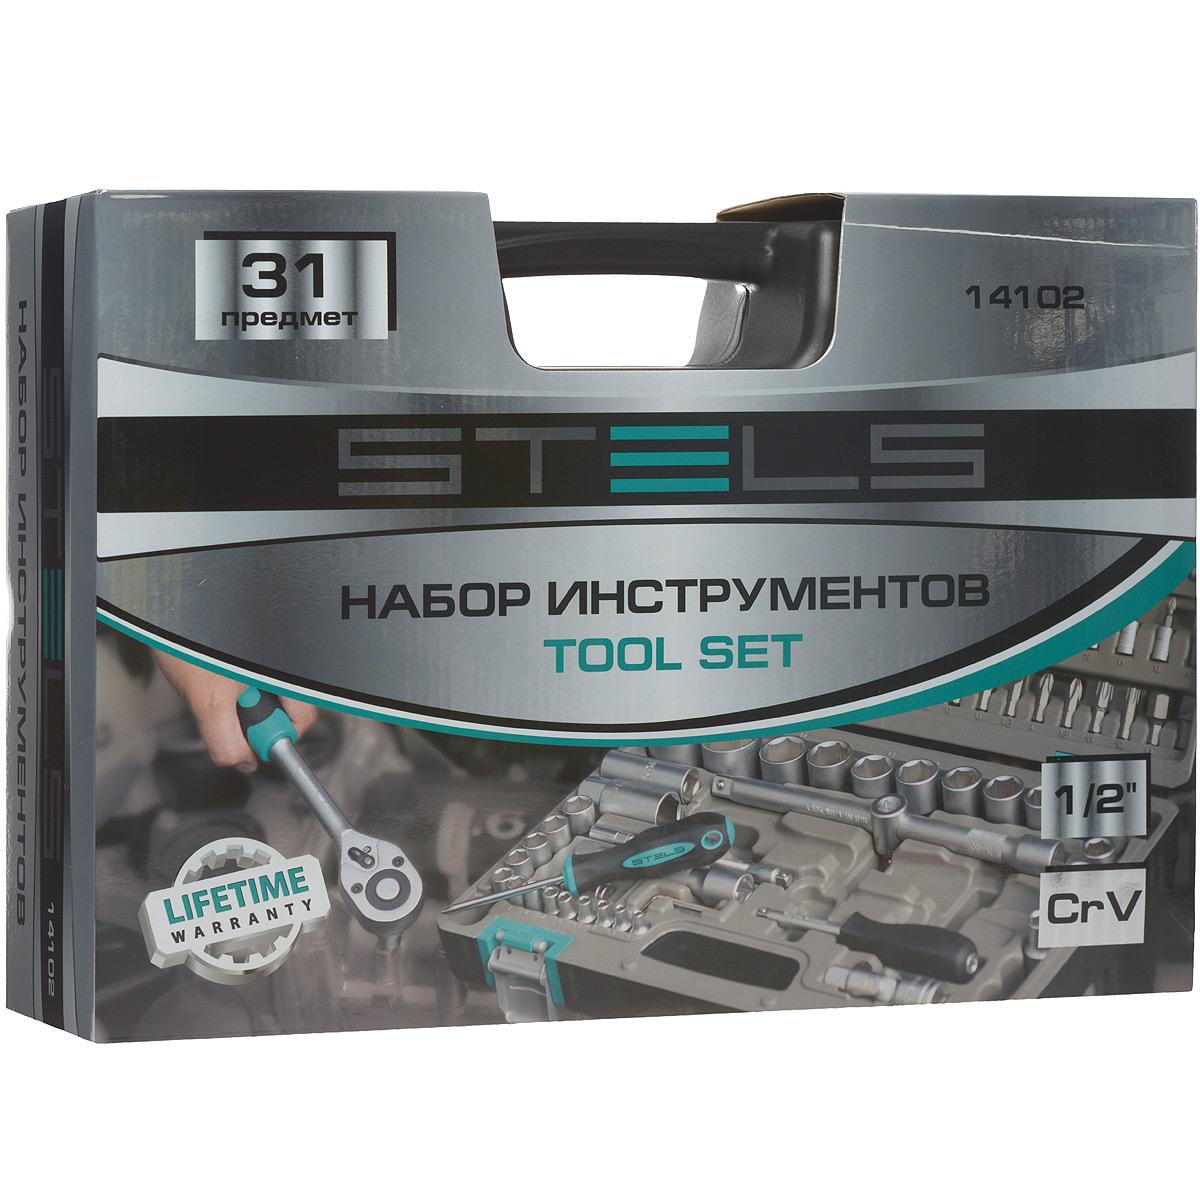 Набор инструментов Stels, 31 предмет14102Набор инструментов торговой марки Stels разработан специально для автолюбителей и центров технического обслуживания. Каждый этап производства контролируется в соответствии с международными стандартами. Головки и комбинированные ключи изготовлены из хромованадиевой стали, придающей инструменту исключительную твердость в сочетании с легкостью. Набор упакован в кейс, изготовленный из жесткого противоударного пластика.Состав набора:Ключ трещоточный 1/2.Головки торцевые 1/2: 8 мм, 10 мм, 11 мм, 12 мм, 13 мм, 14 мм, 15 мм, 17 мм, 18 мм, 19 мм, 22 мм, 24 мм, 27 мм, 30 мм, 32 мм.Адаптер трехсторонний 1/2.Удлинители 1/2: 125 мм, 250 мм.Головки свечные 1/2: 16 мм, 21 мм.Ключи комбинированные: 8 мм, 9 мм. 10 мм, 11 мм, 12 мм, 13 мм, 14 мм, 17 мм, 18 мм, 19 мм.